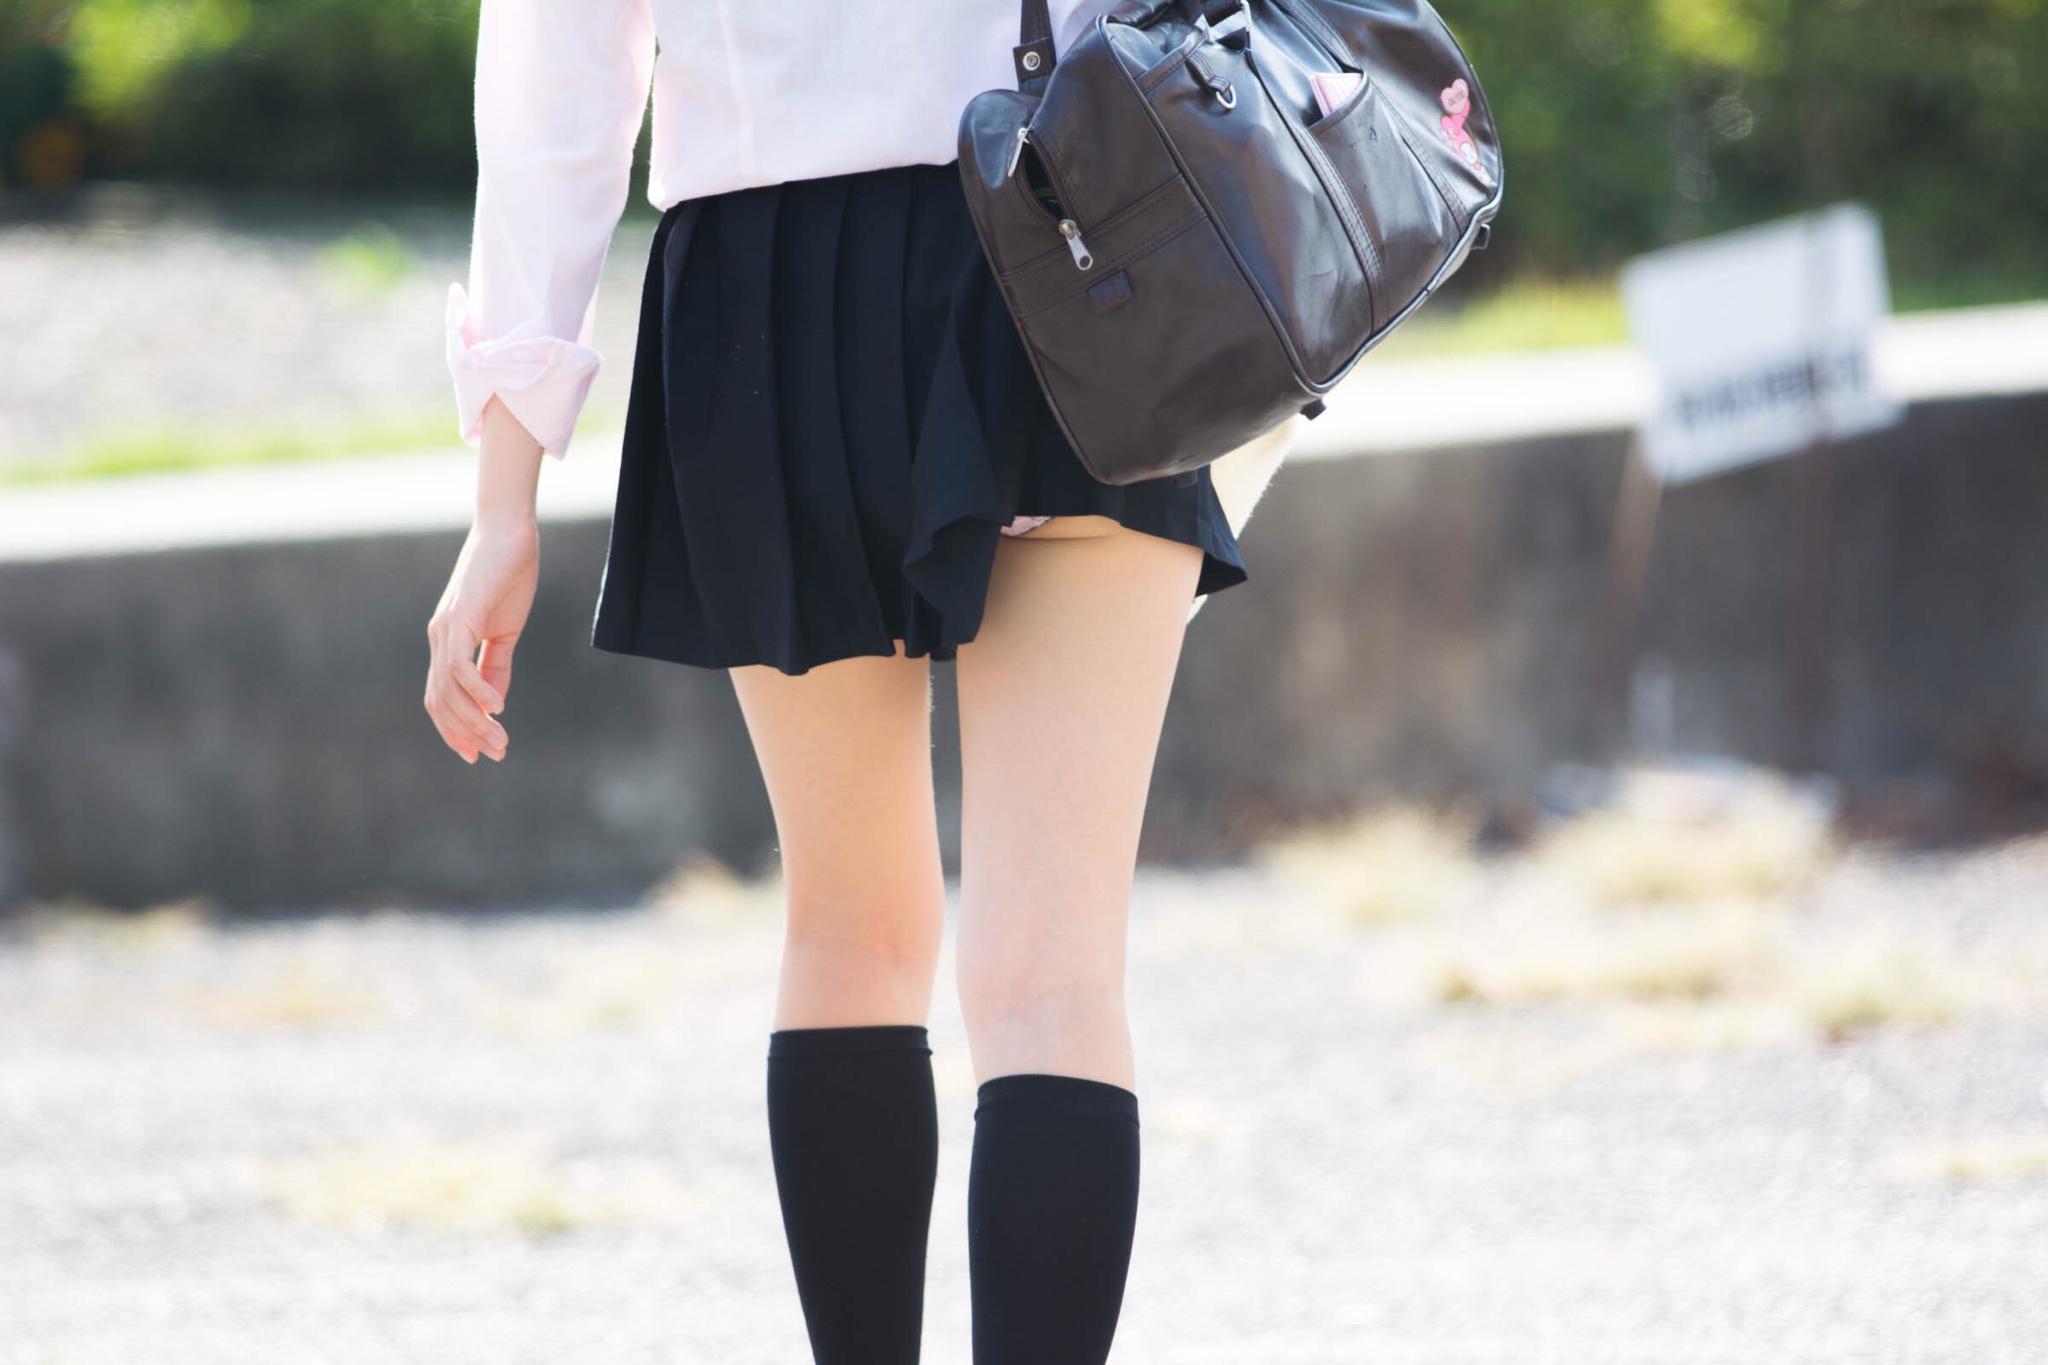 色白美脚の女子校生の下着を隠し撮り!